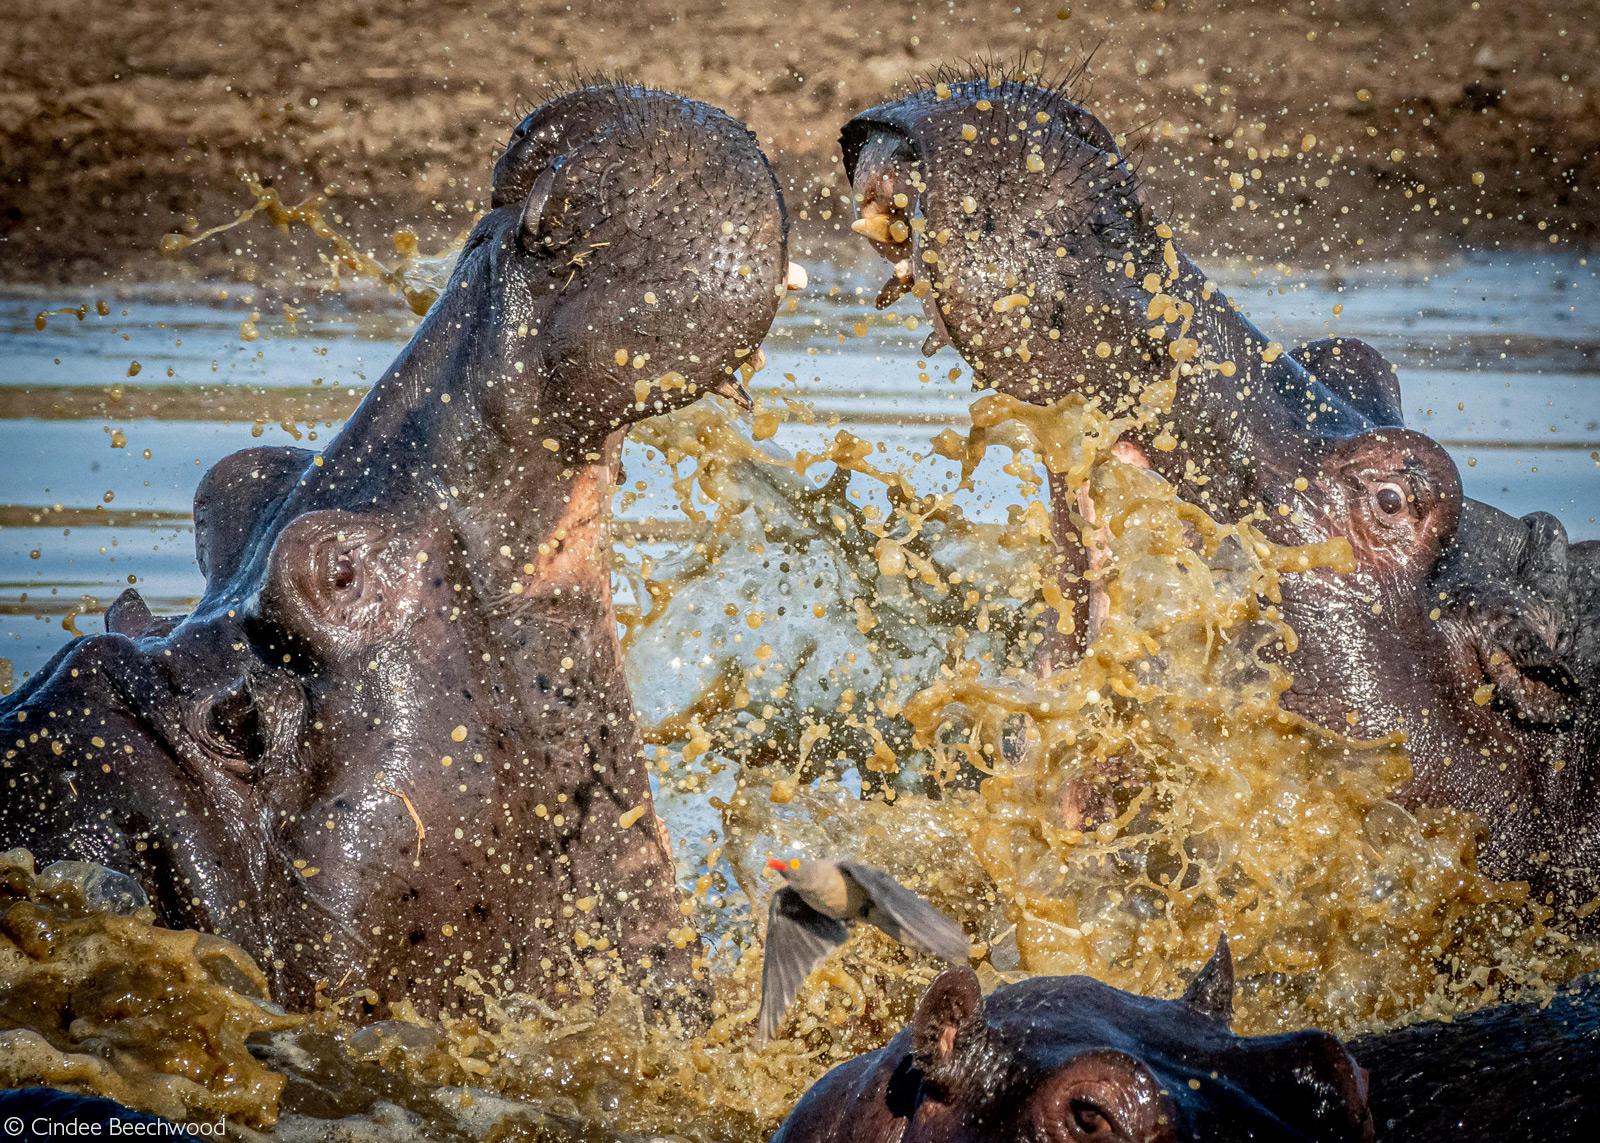 A red-billed oxpecker flees as tempers flare between hippos. Okavango Delta, Botswana © Cindee Beechwood